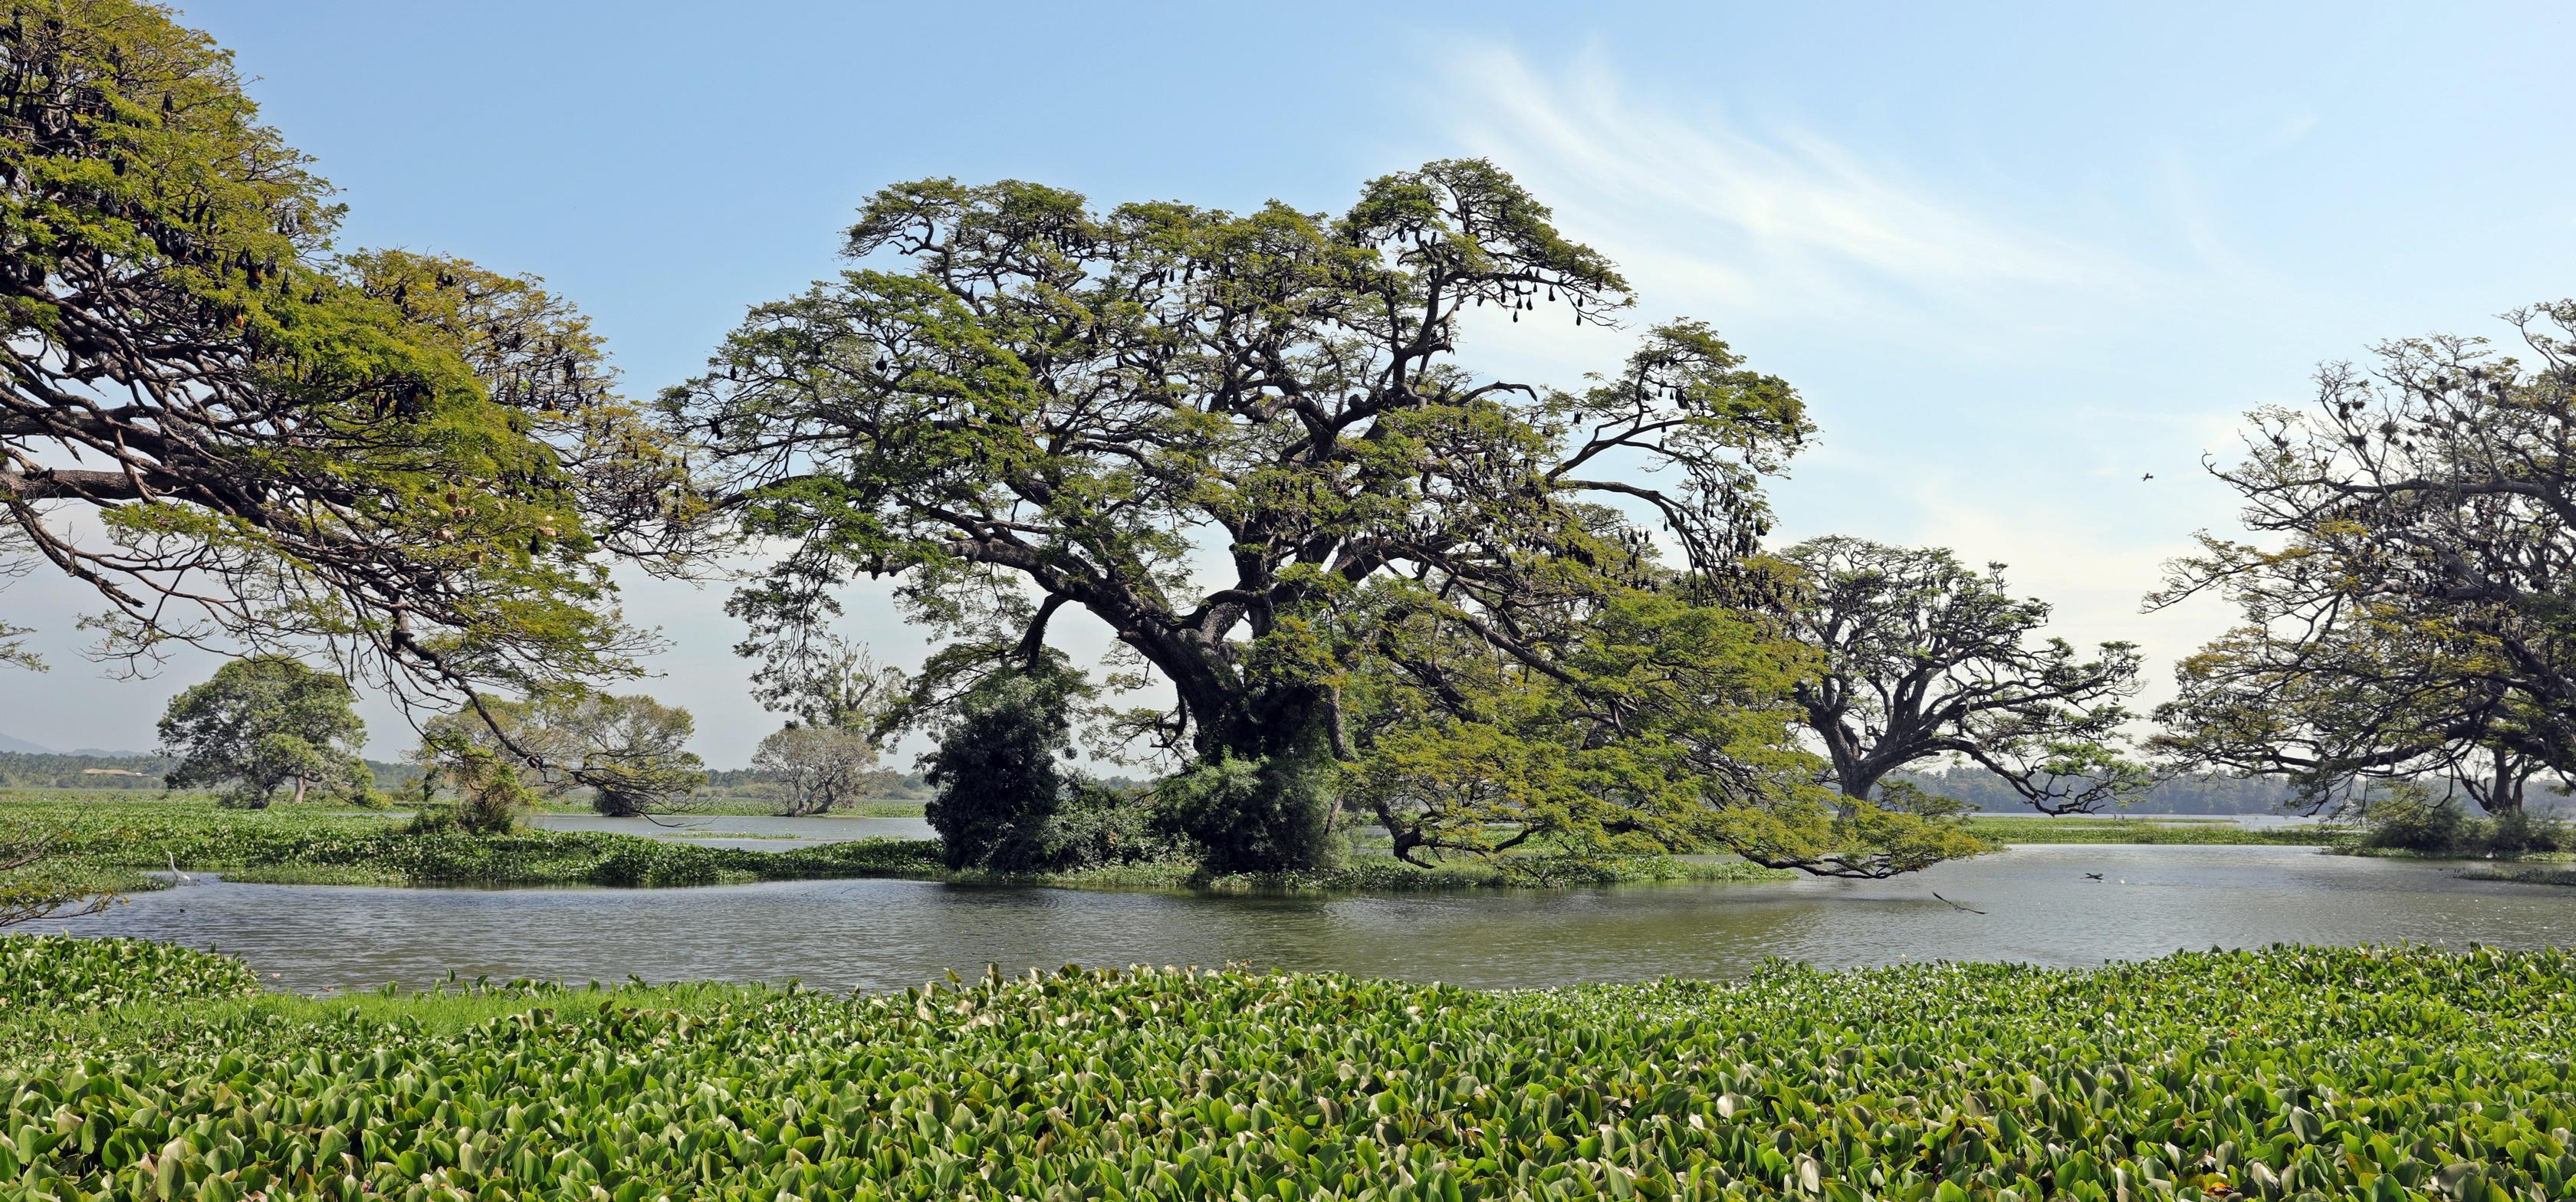 Tissa Wewa Lake, Tissamaharama, Sri Lanka